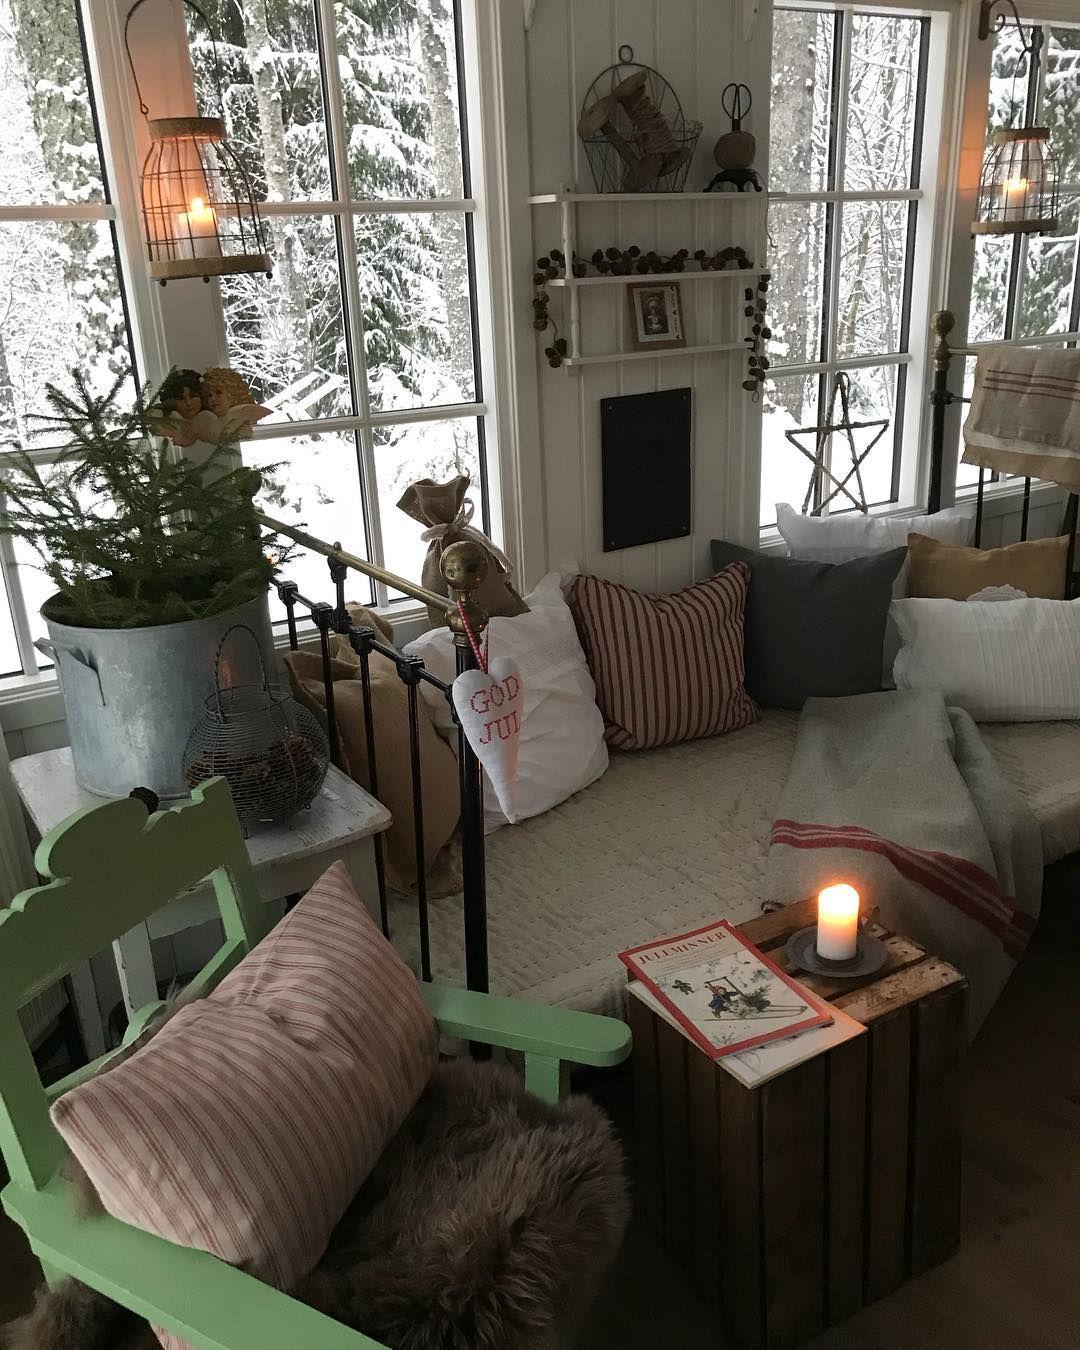 Så koselig med snø til jul...♥️Julestemning både inne i og ... on Bade Outdoor Living id=35773